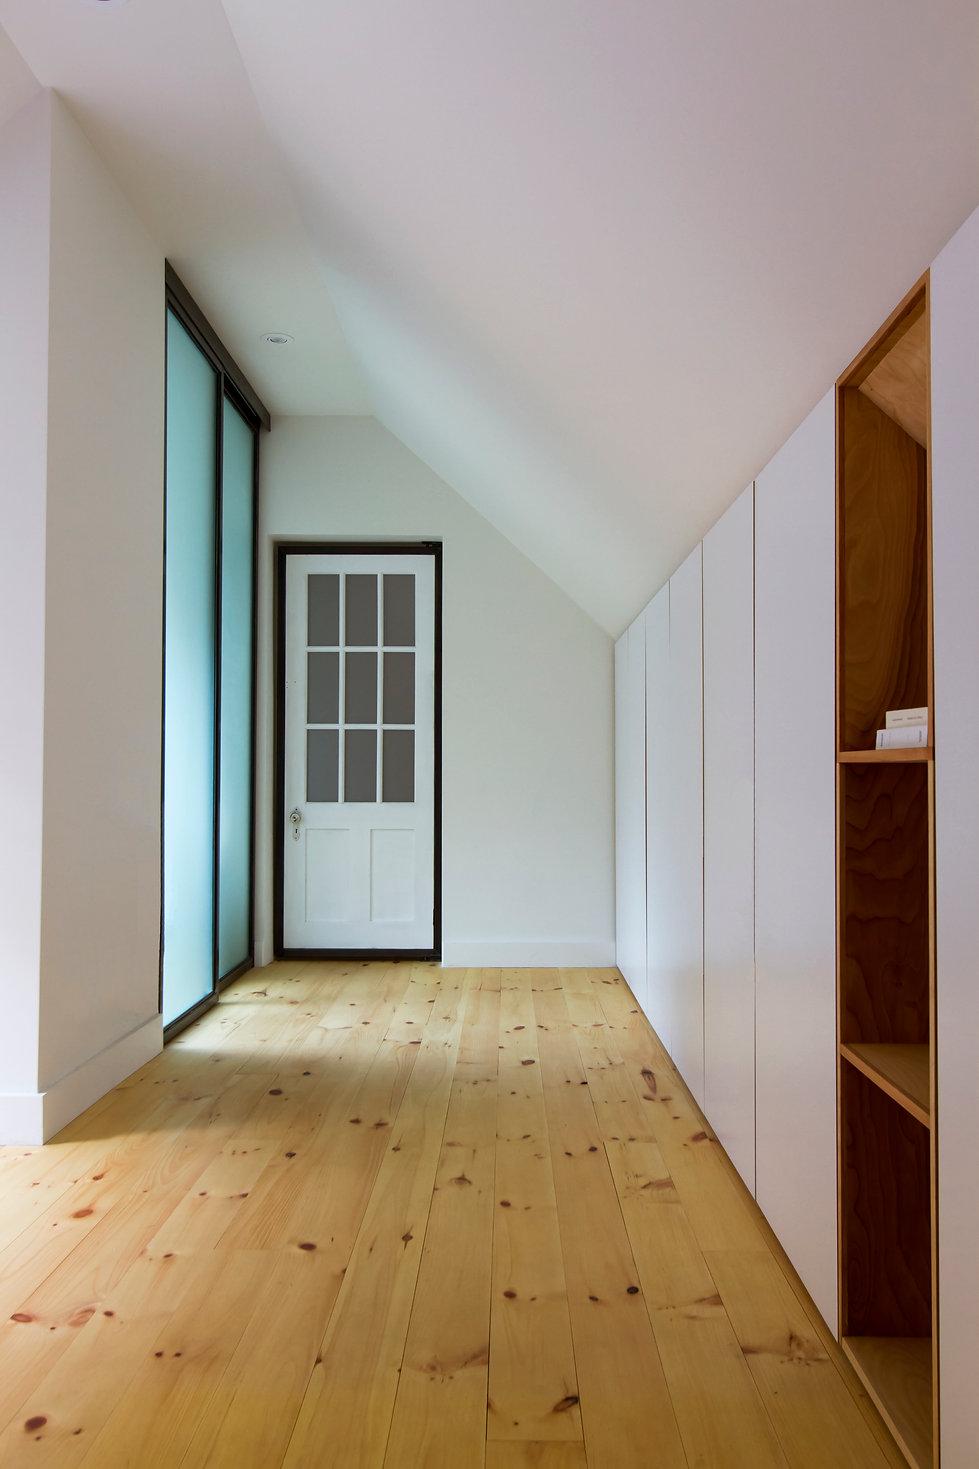 Projet de réhabilitation architecturale L'Eau Vive à Barnston-Ouest par FÉLIX & Co.